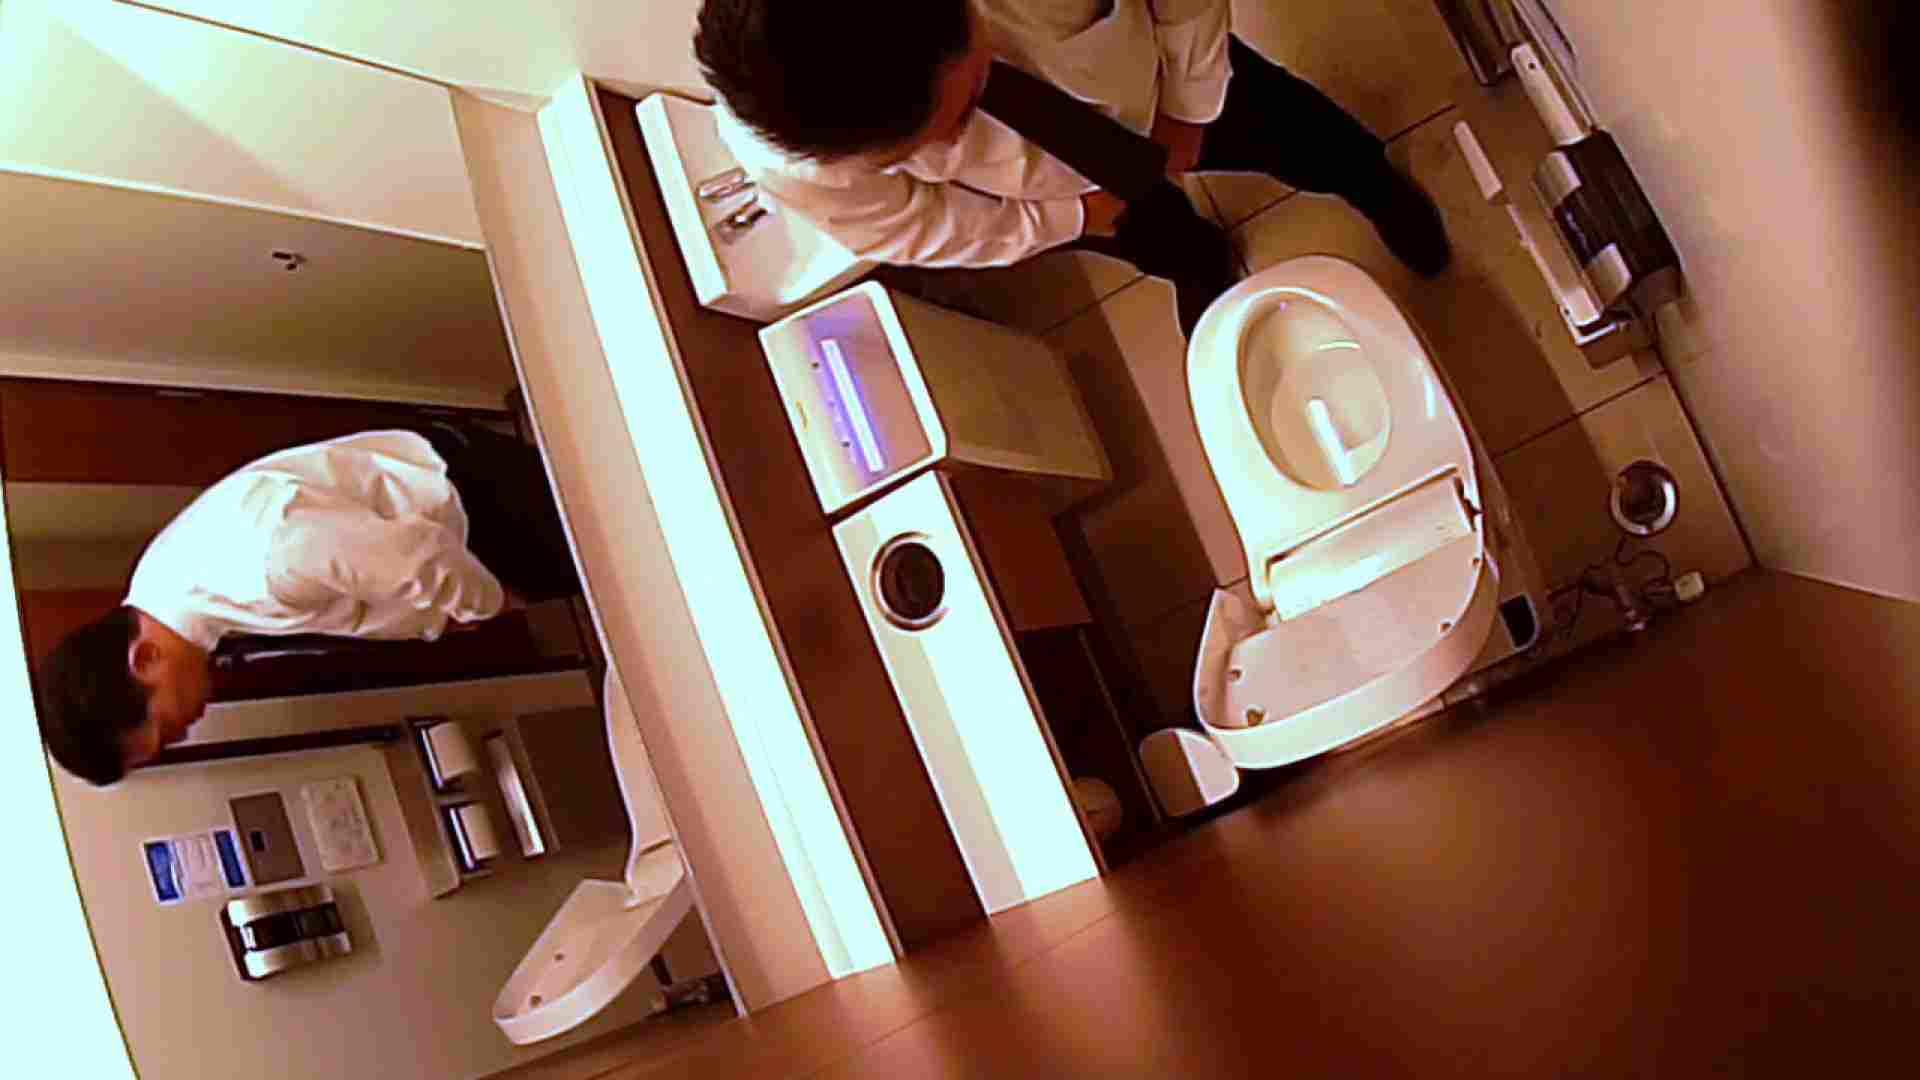 すみませんが覗かせてください Vol.31 トイレ | 0  94pic 63